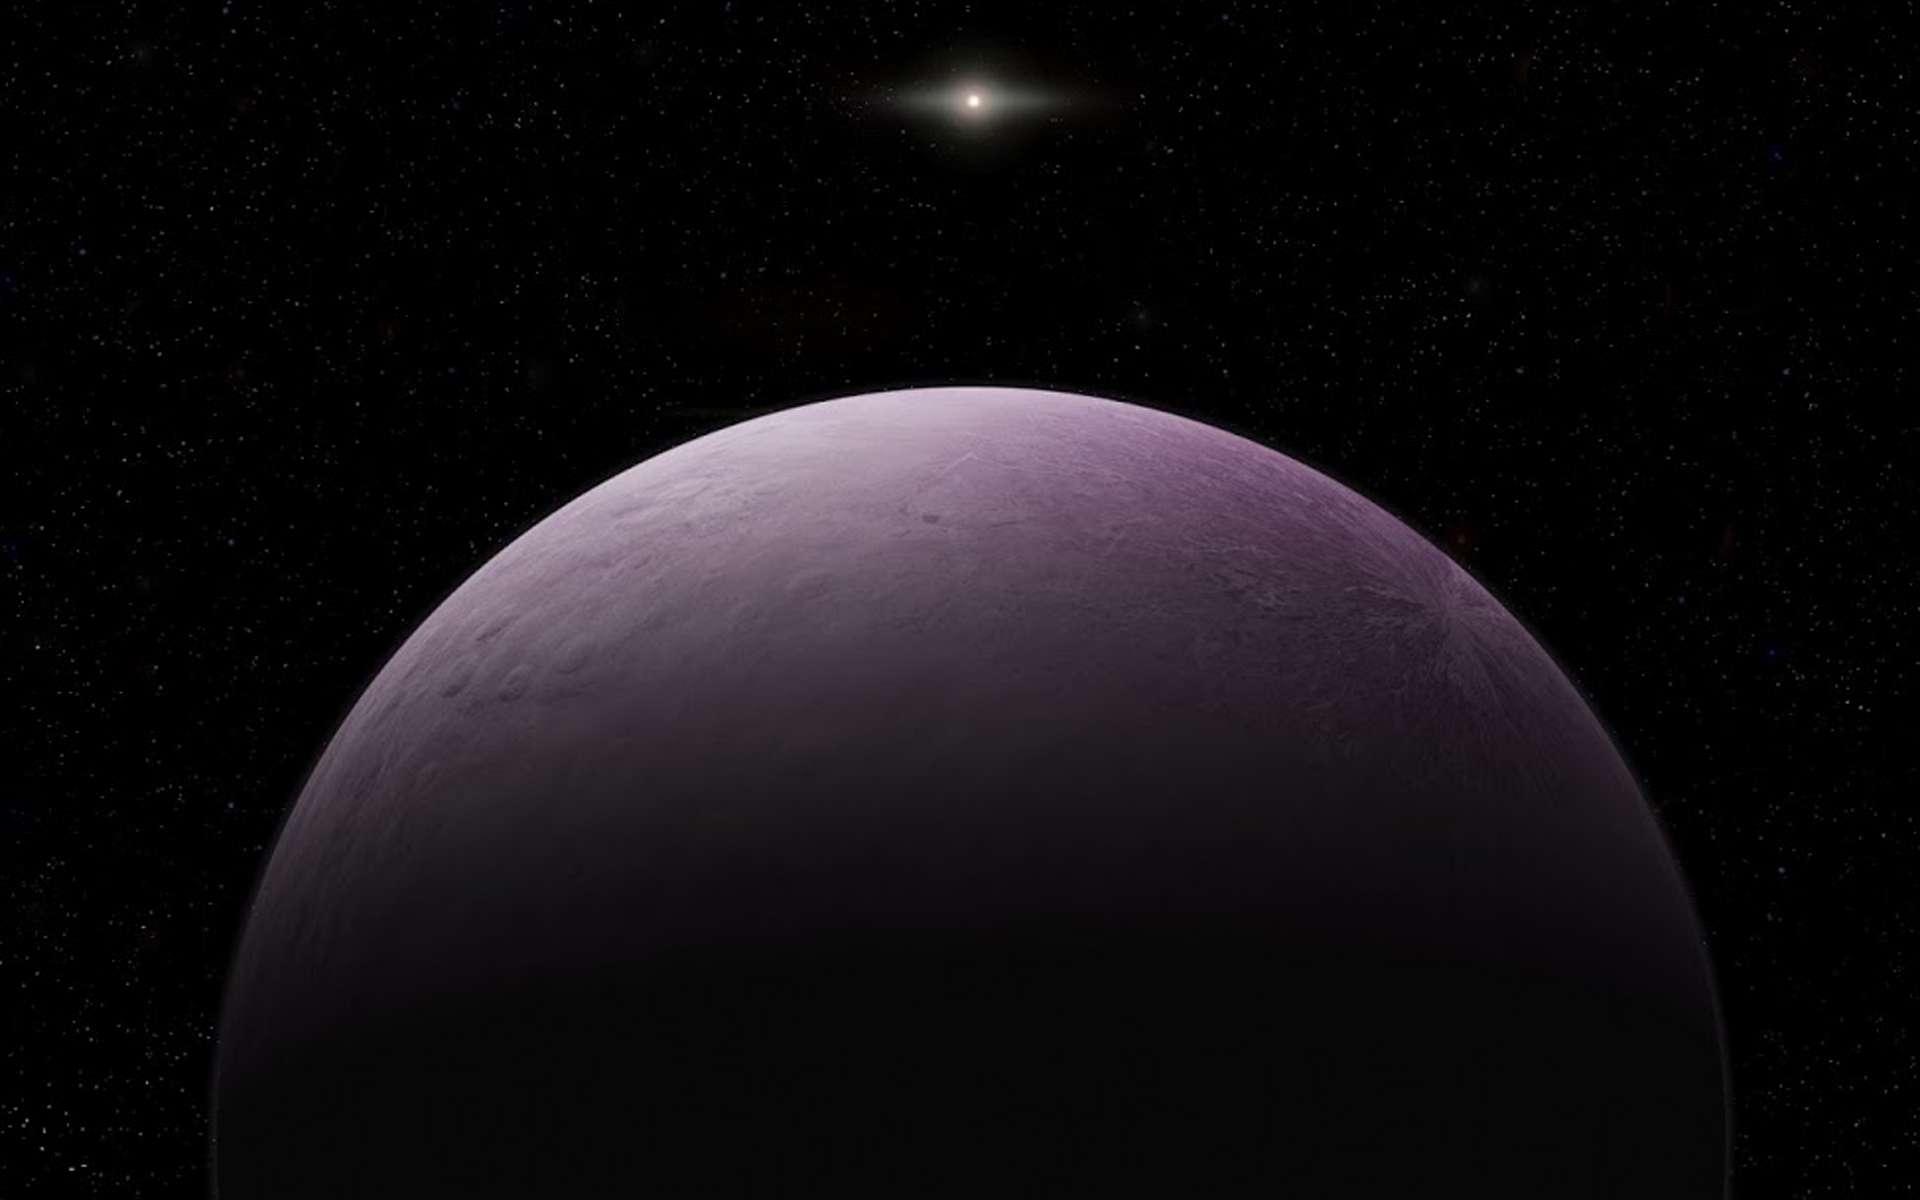 Illustration de « Farout », l'objet le plus lointain jamais observé dans le Système solaire. © Roberto Molar Candanosa, Carnegie Institution for Science